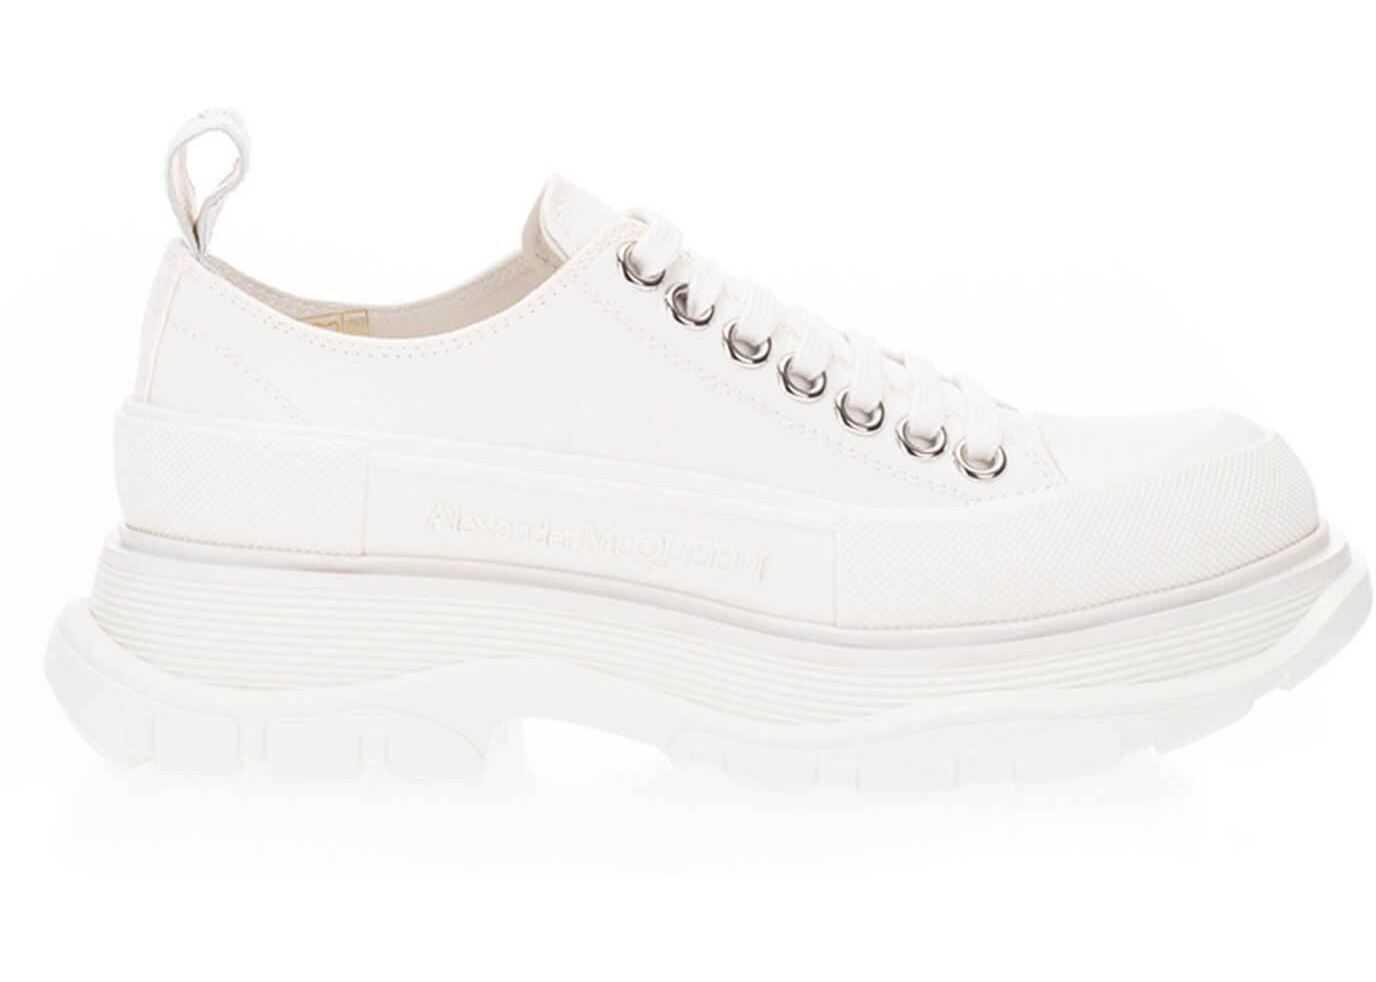 Alexander McQueen Tread Slick Lace-Ups In White 611705 W4L32 9000 White imagine b-mall.ro